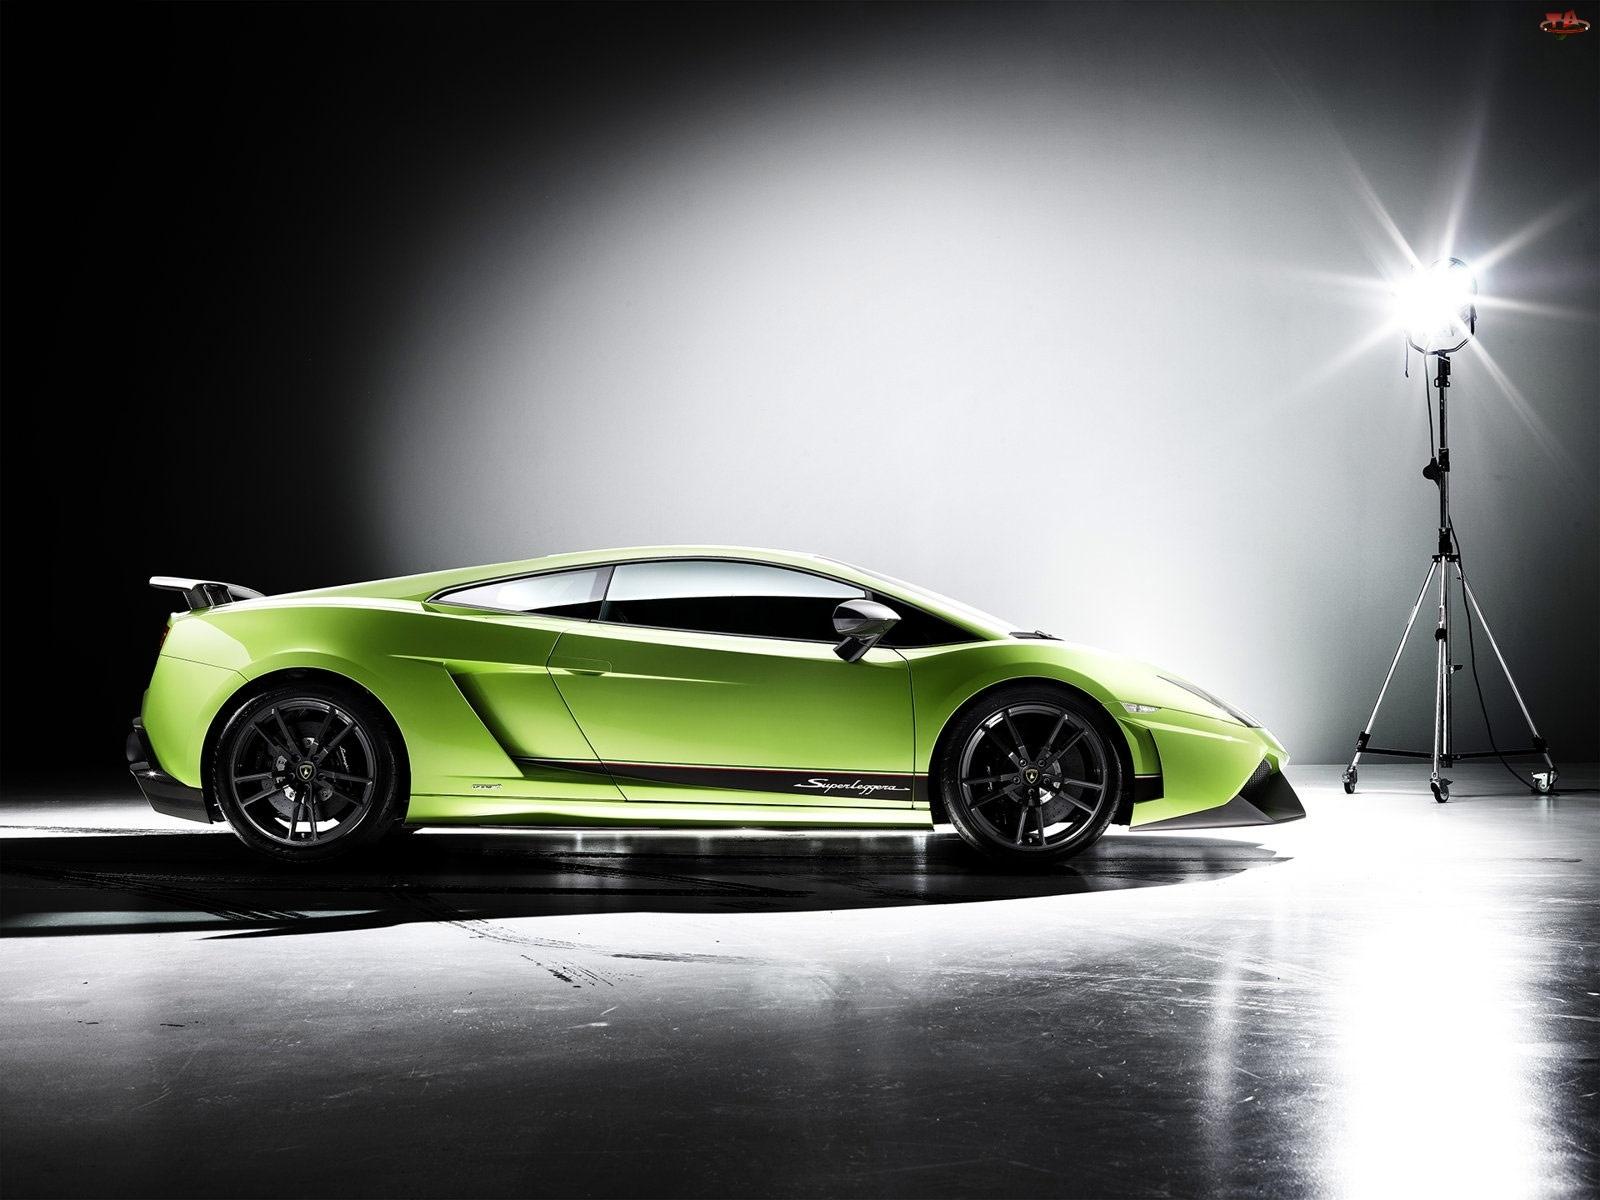 Lamborghini Gallardo, Prawa, Strona